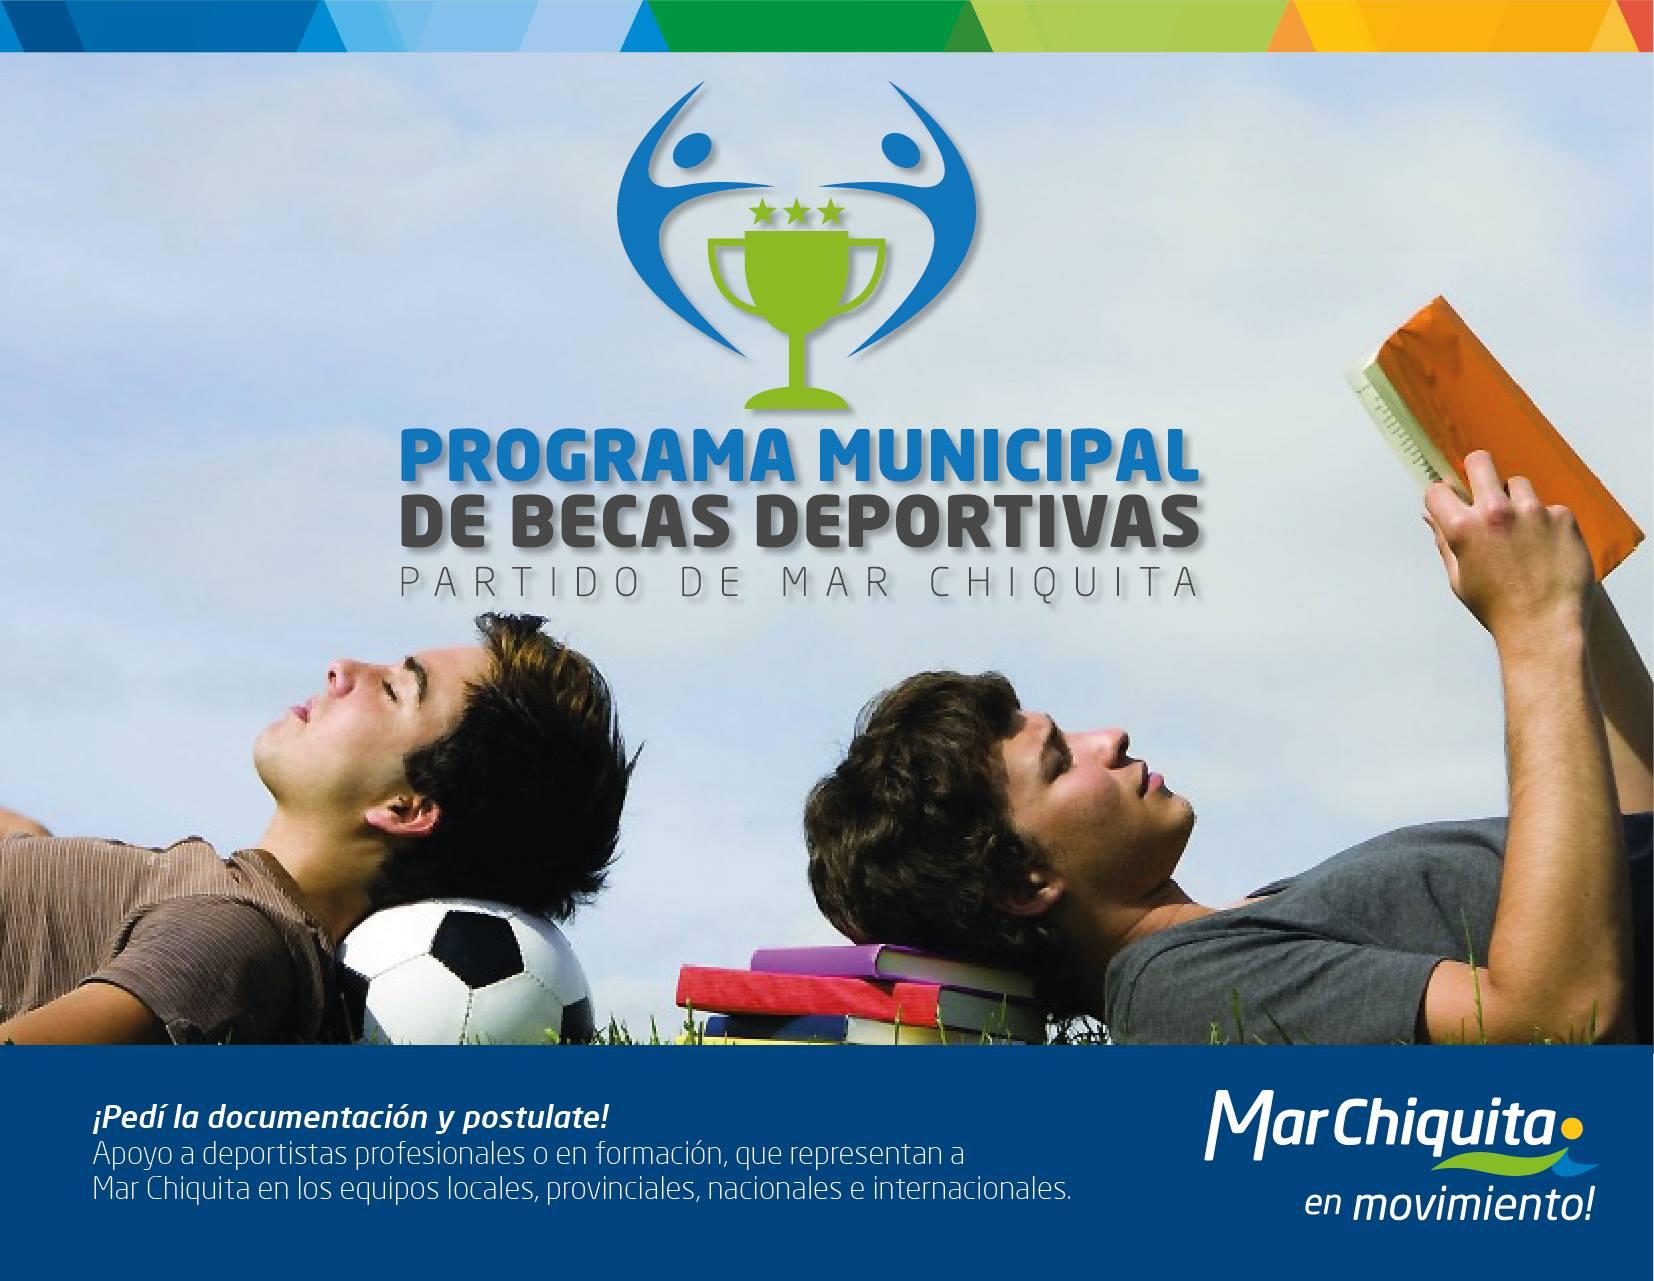 Nuevo programa municipal de becas deportivas